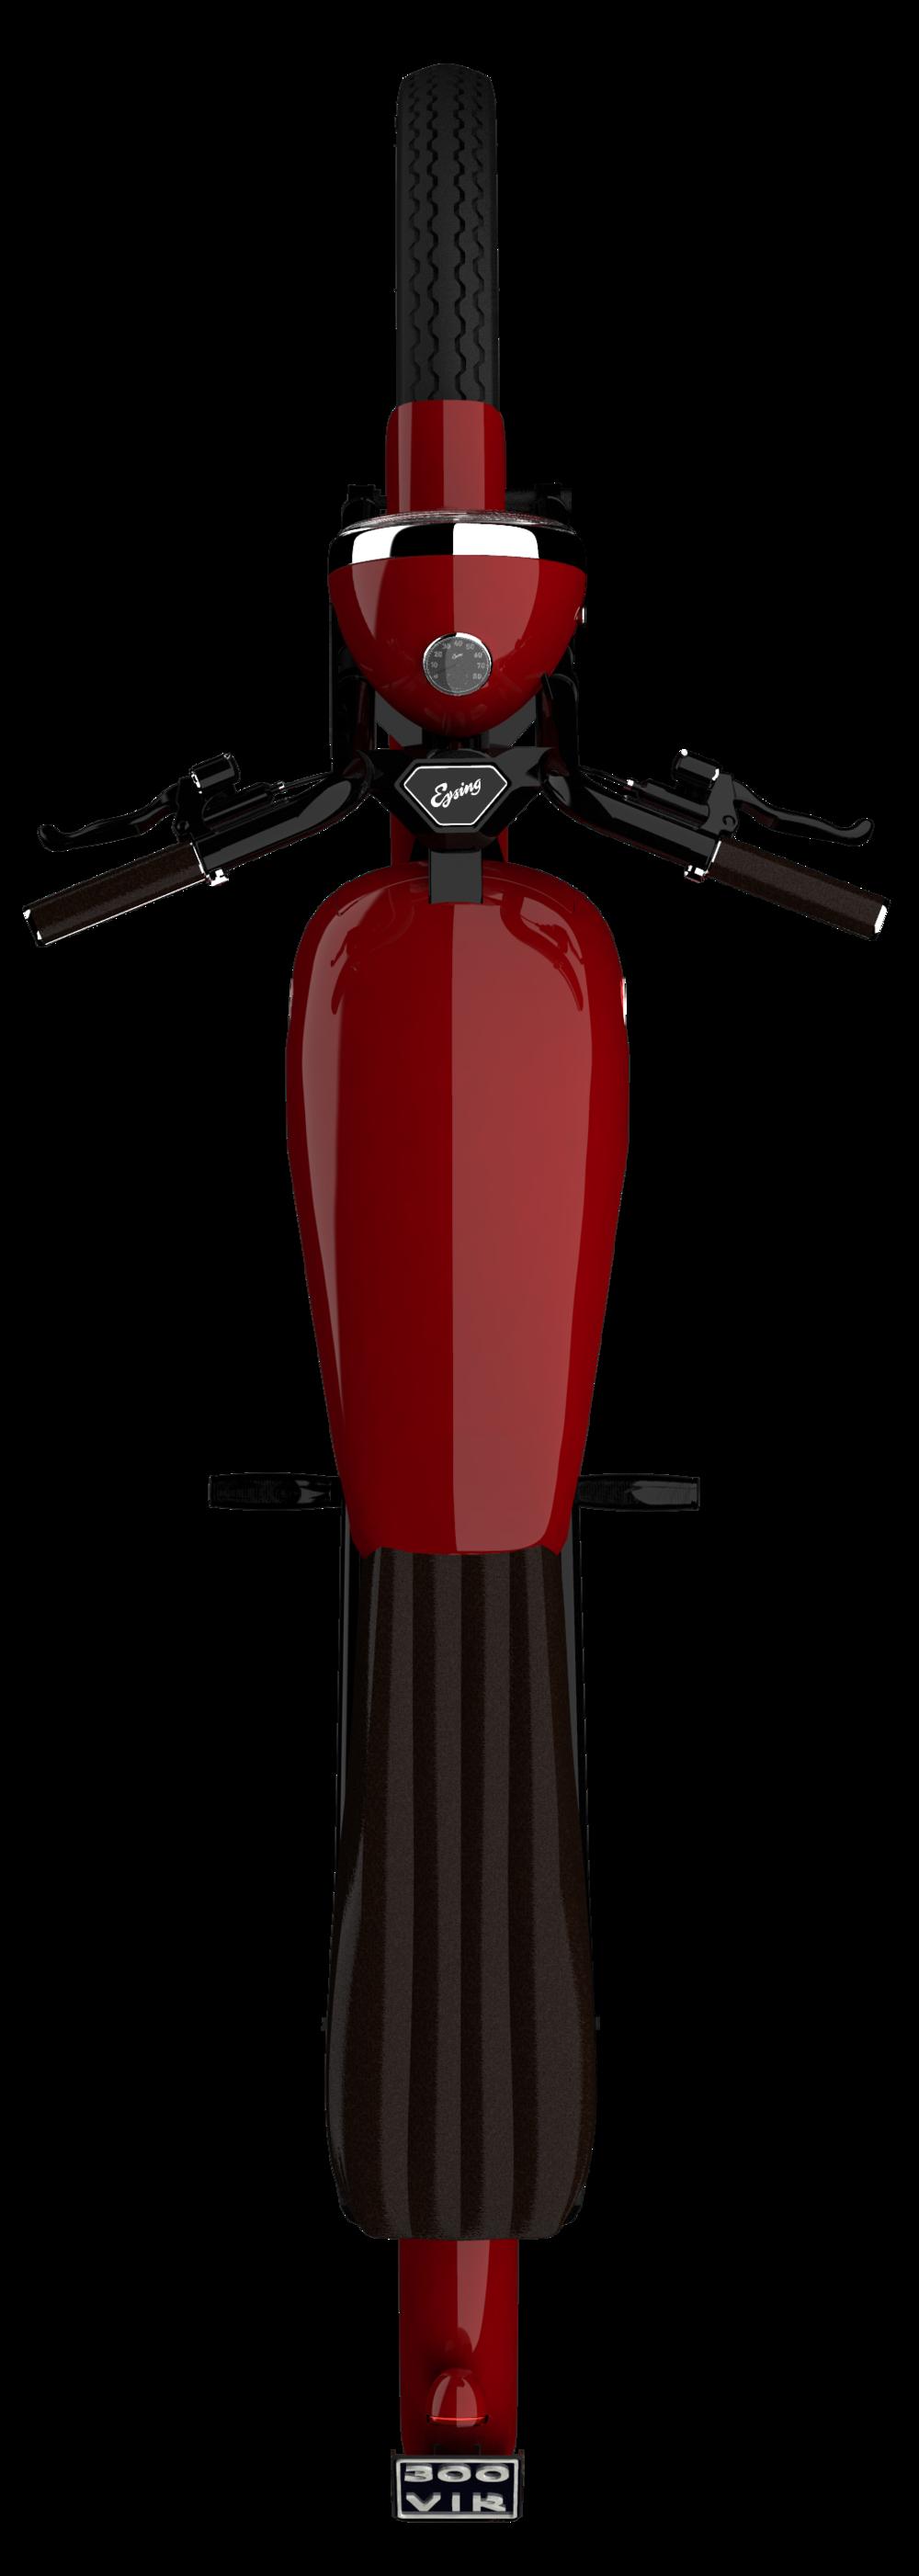 motor render 2.3.png